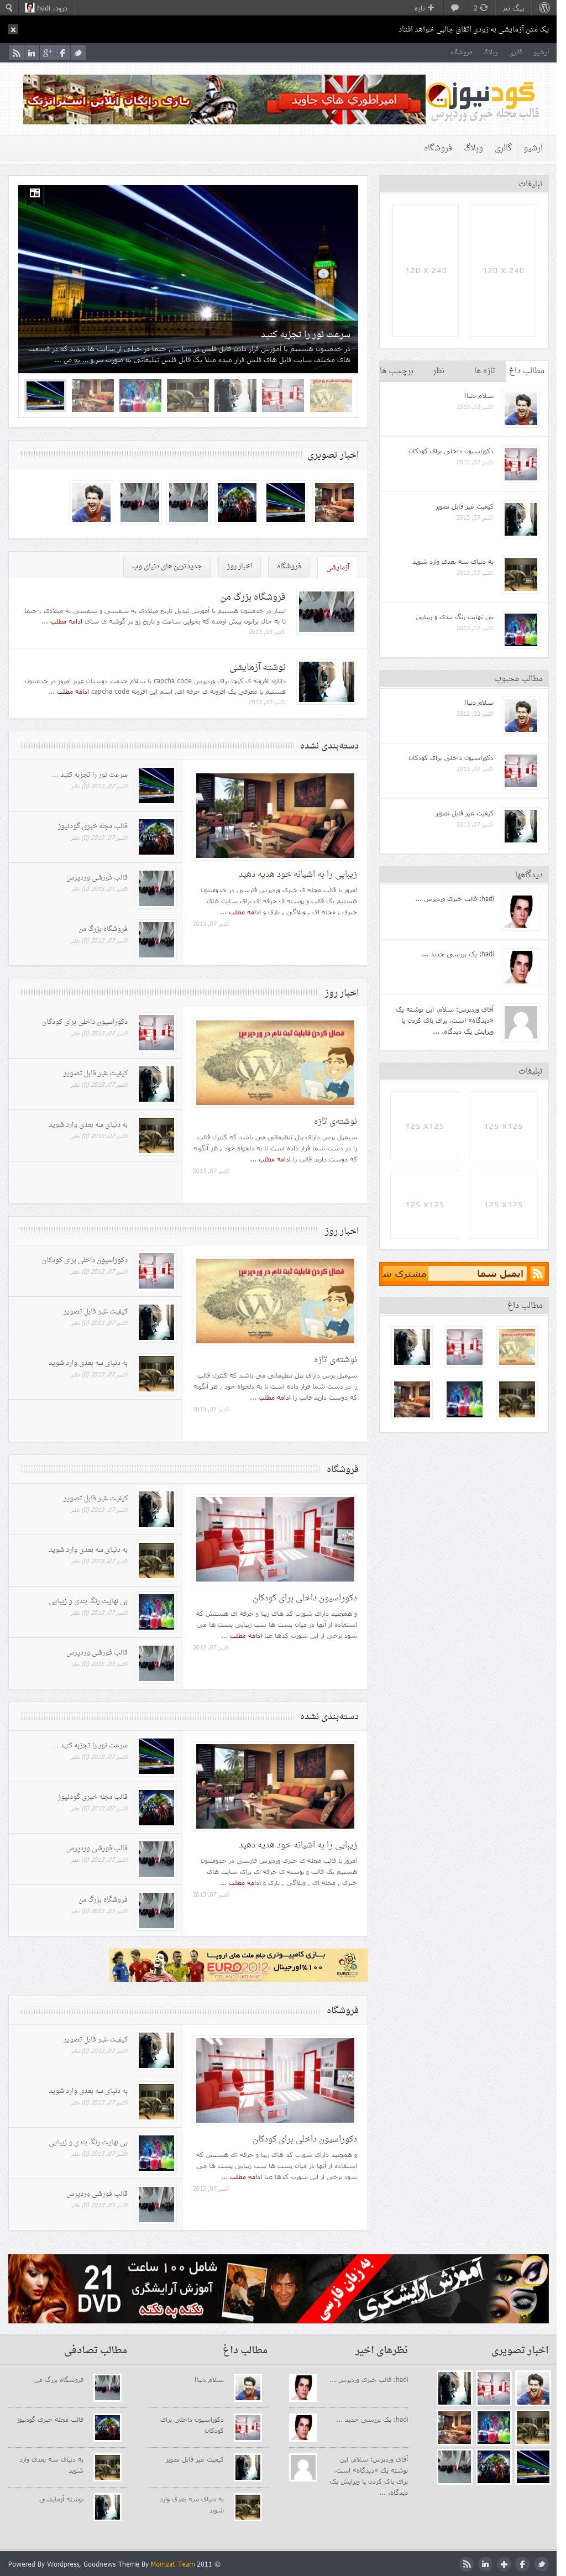 قالب مجله ی خبری فوق العاده حرفه ای وردپرس فارسی